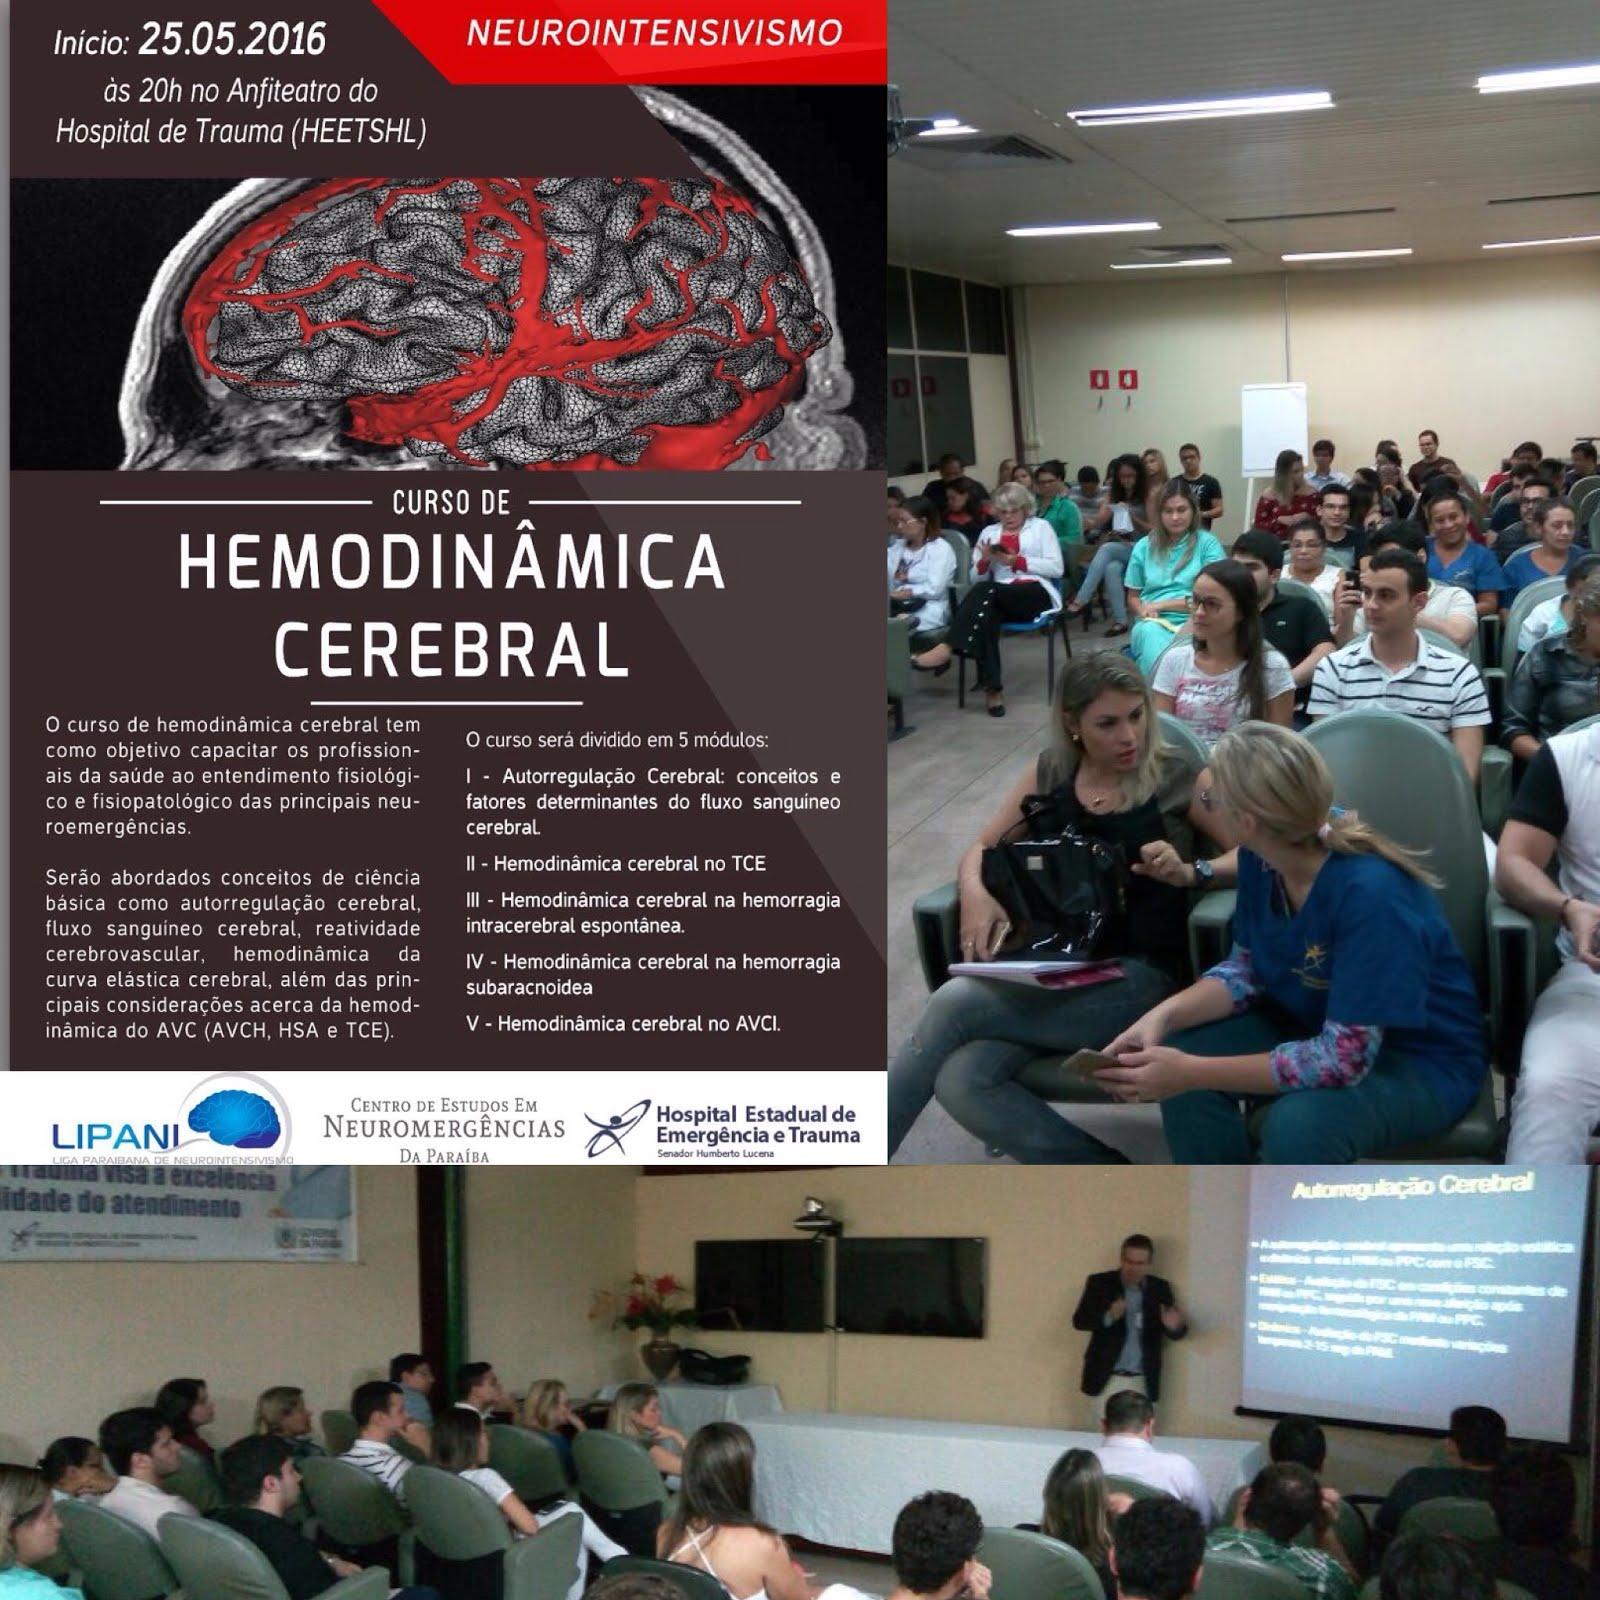 Hemodinâmica Cerebral